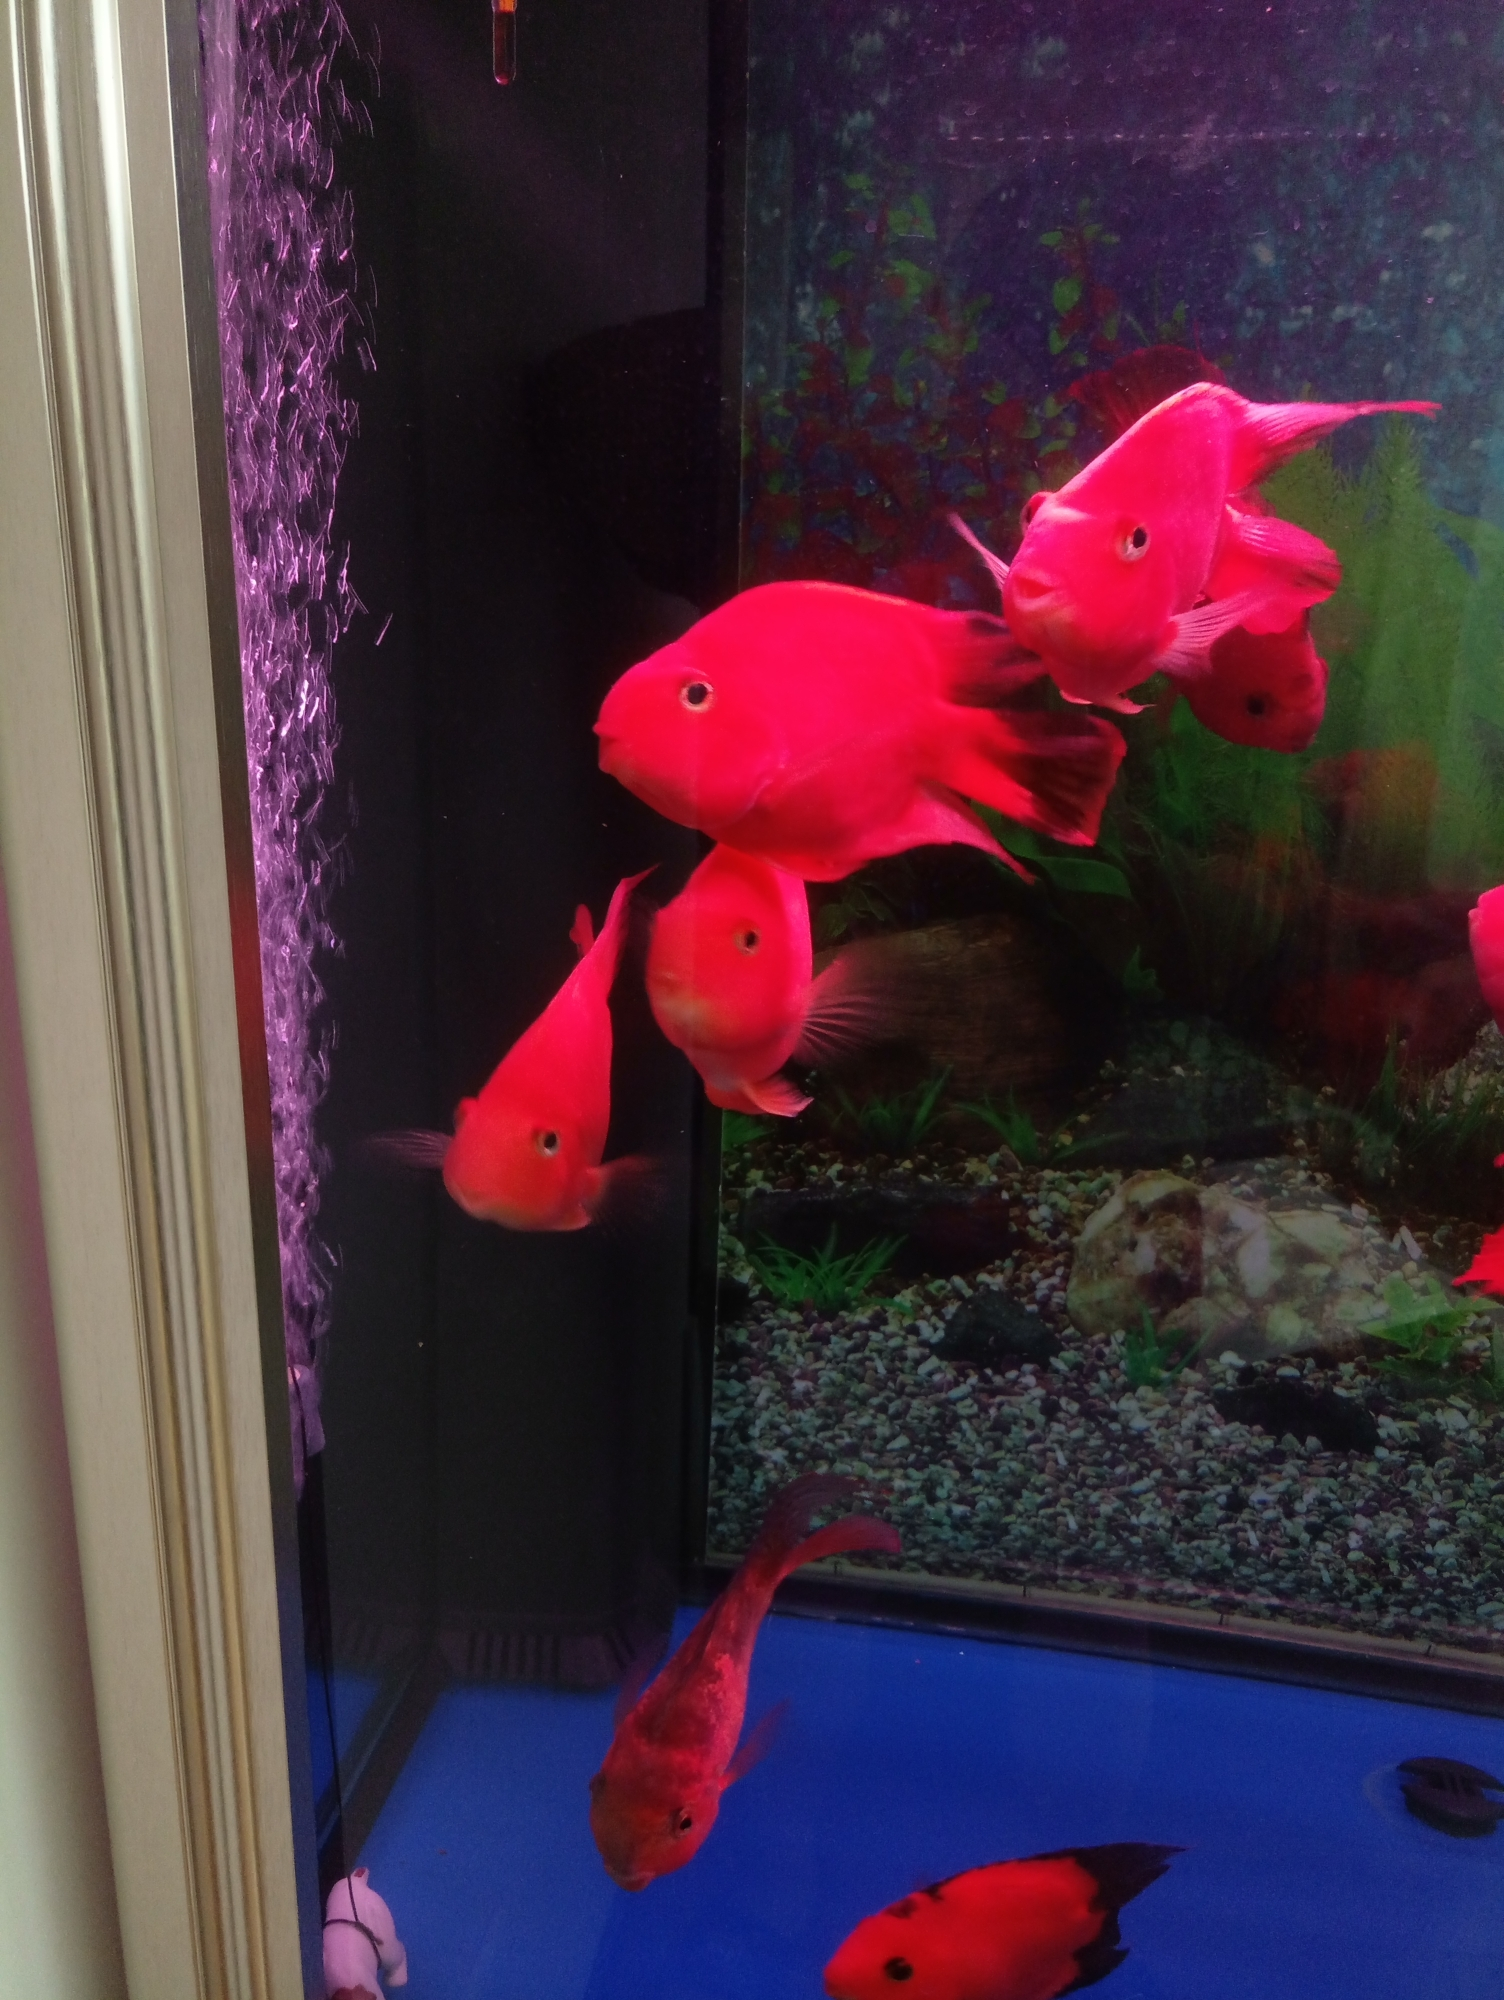 如何清理底滤鱼缸下面堆积的鱼粪 北京龙鱼论坛 北京龙鱼第2张